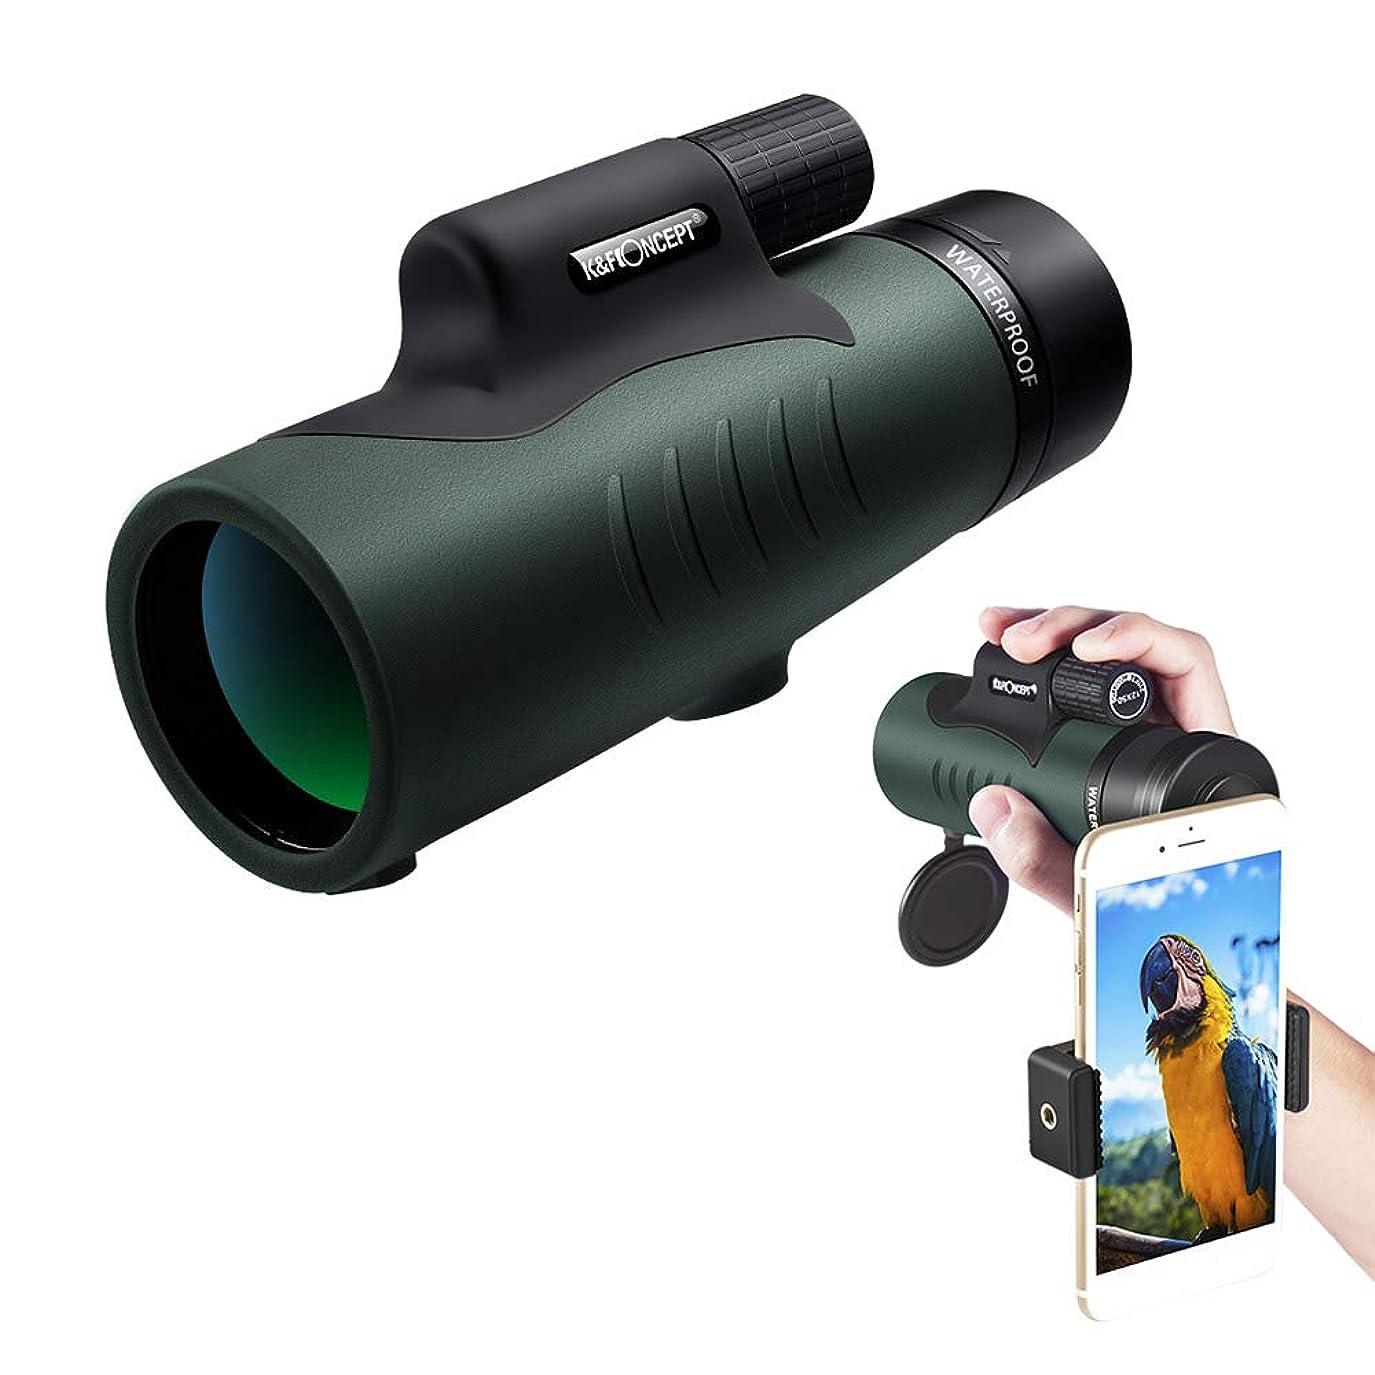 楽観的消化器スポーツをするRakuby 単眼鏡 望遠鏡 12 X 50 HD FMC光学レンズ BAK 4プリズム 防水 電話ホルダー付き キャリーバッグ スマホ撮影互換性